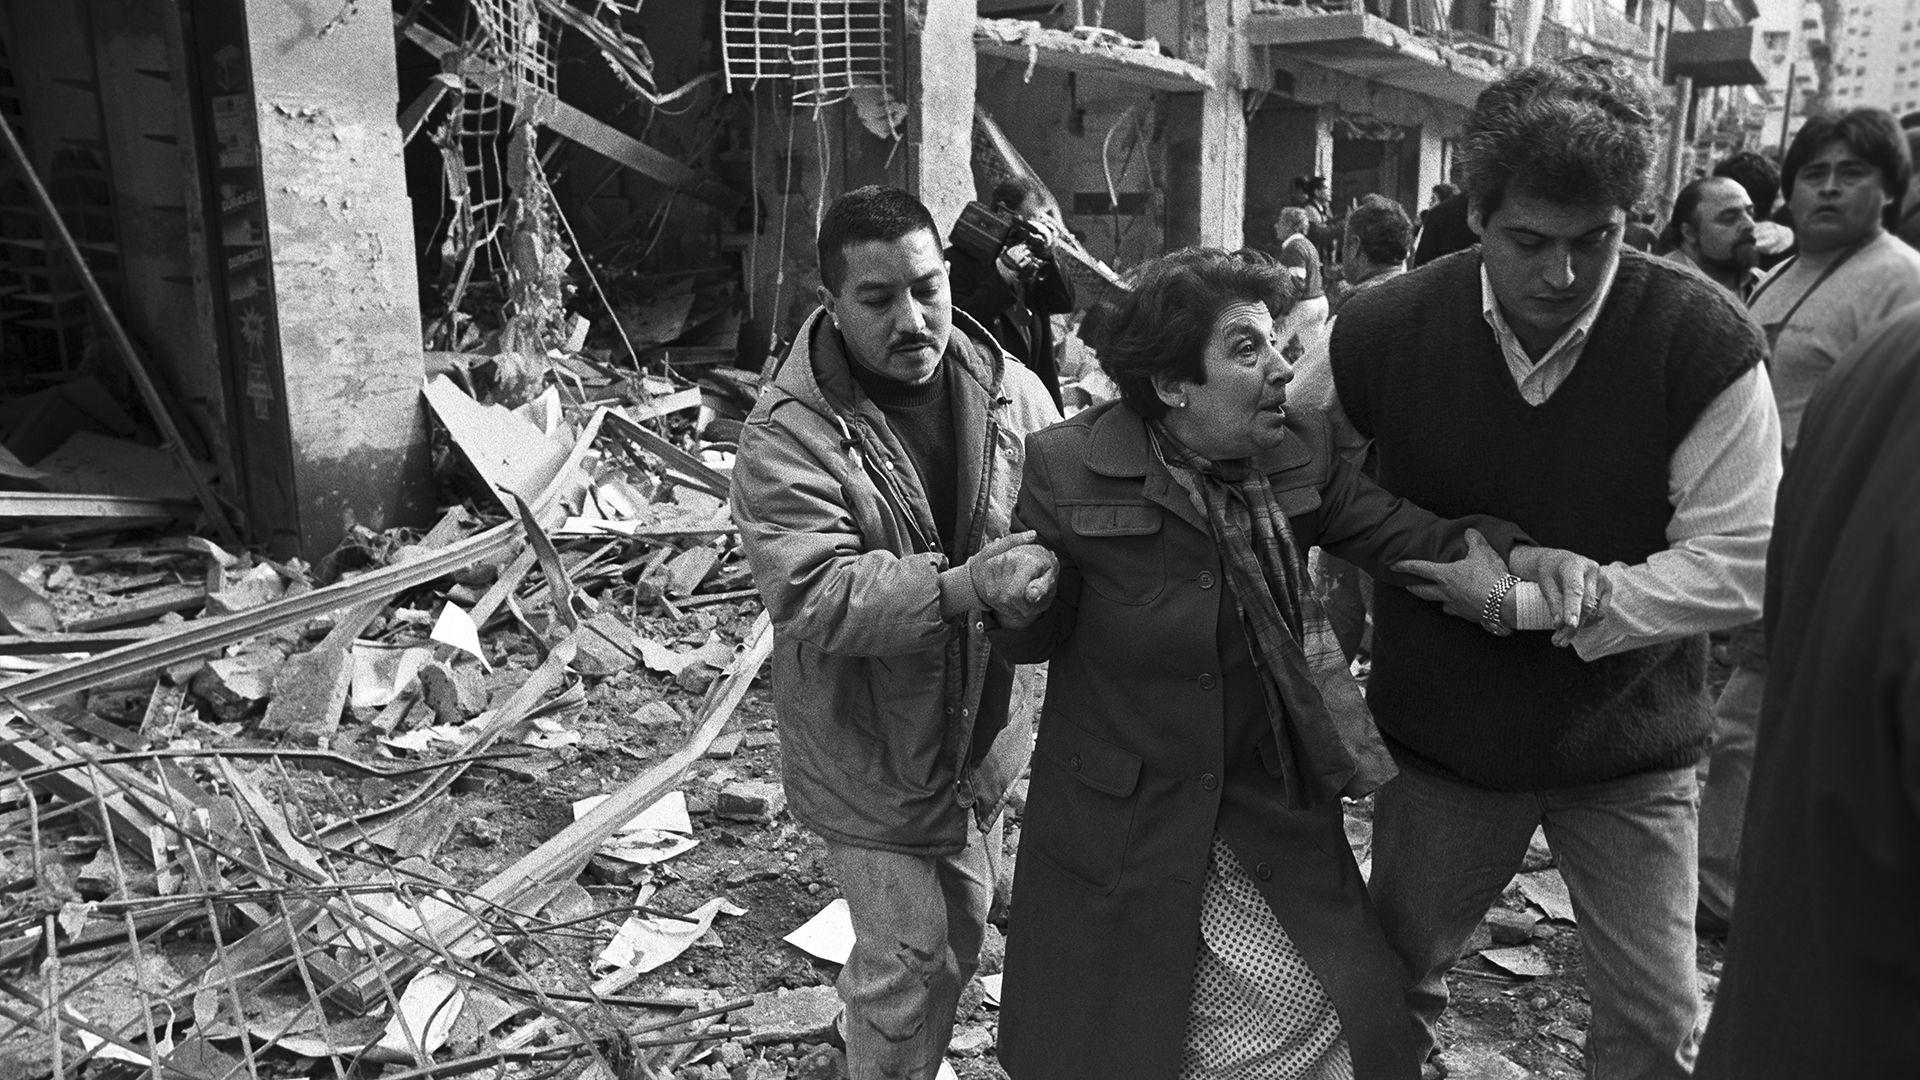 Ataque terrorista a la AMIA: causó 85 muertos y más de 300 heridos (Julio Menajovsky)